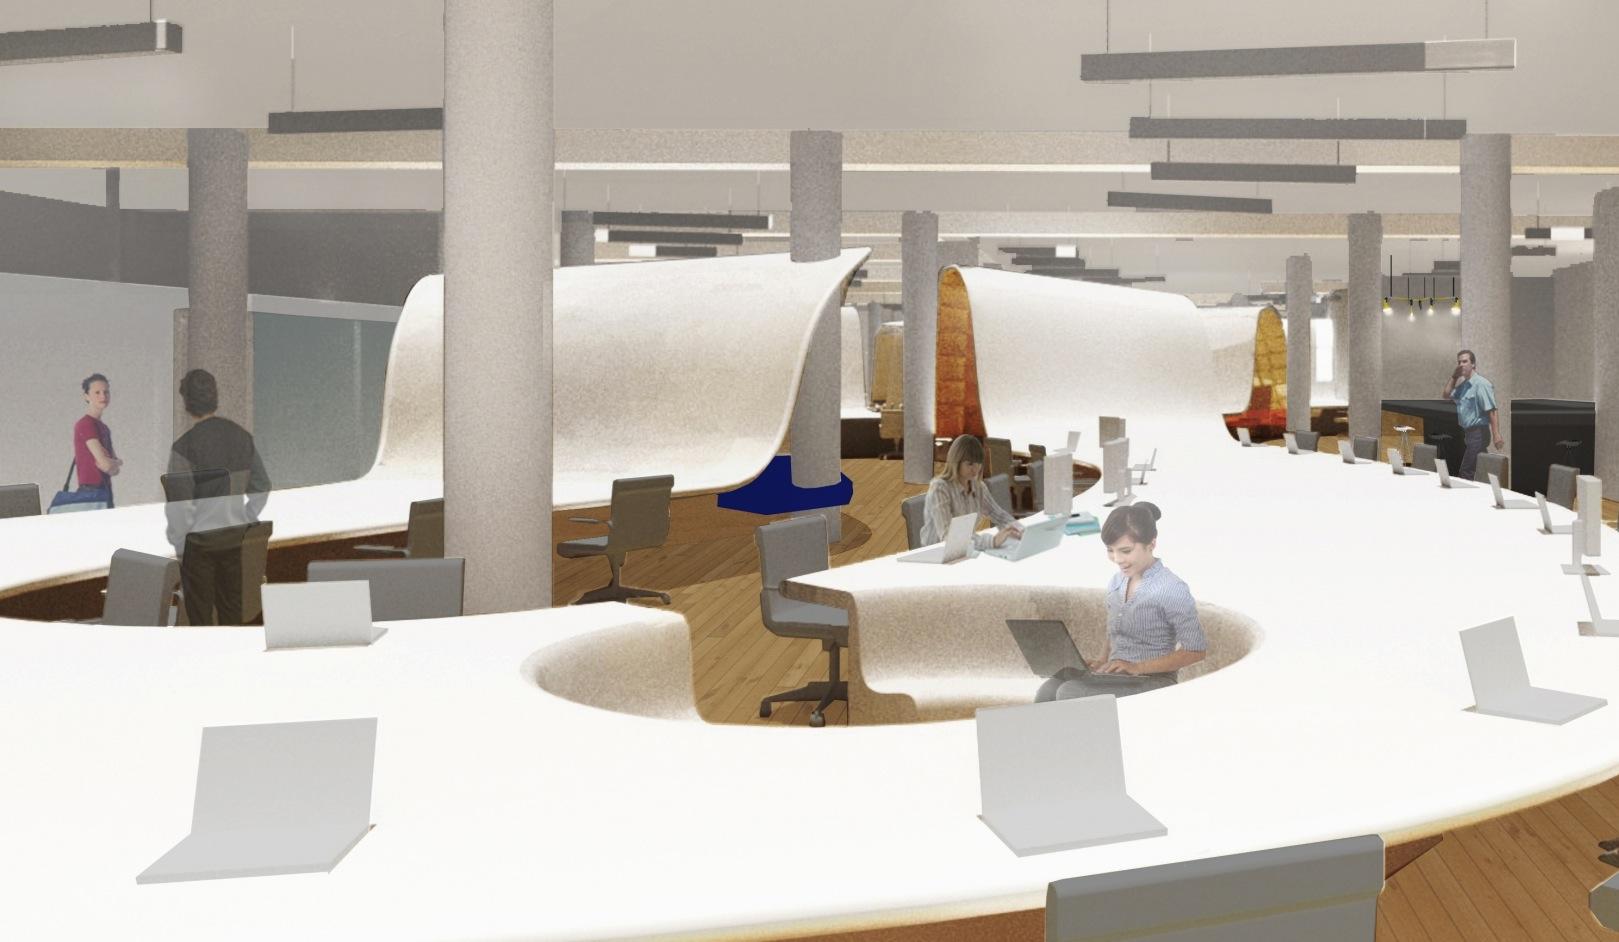 la-table-la-plus-longue-du-monde-335-metres-de-long-design-incroyable-3